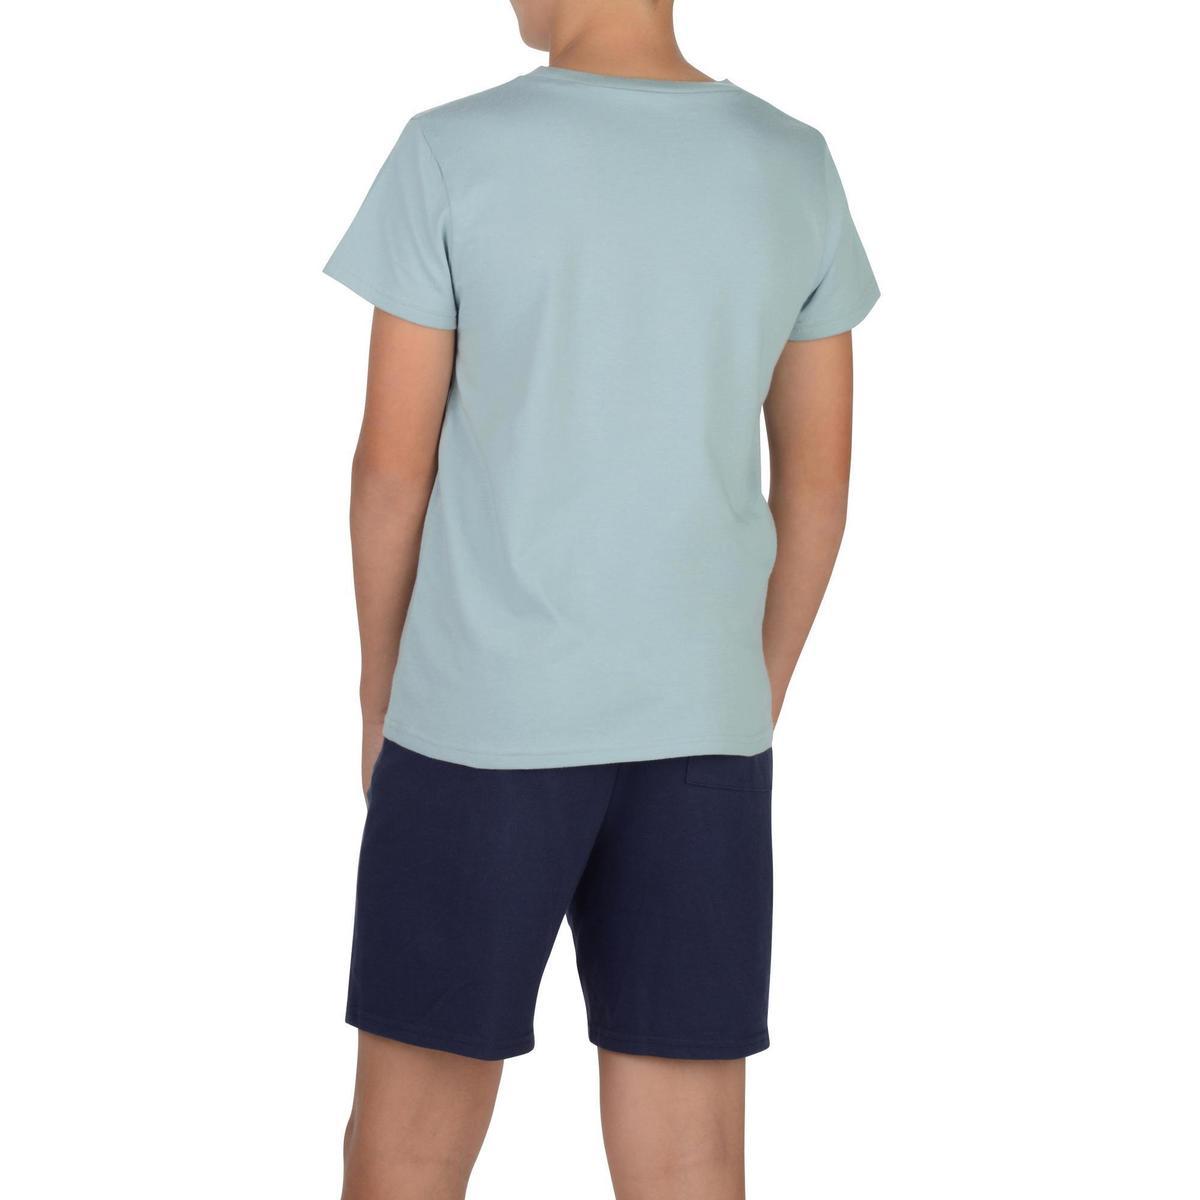 Bild 4 von T-Shirt 100 Gym Kinder grau mit Print